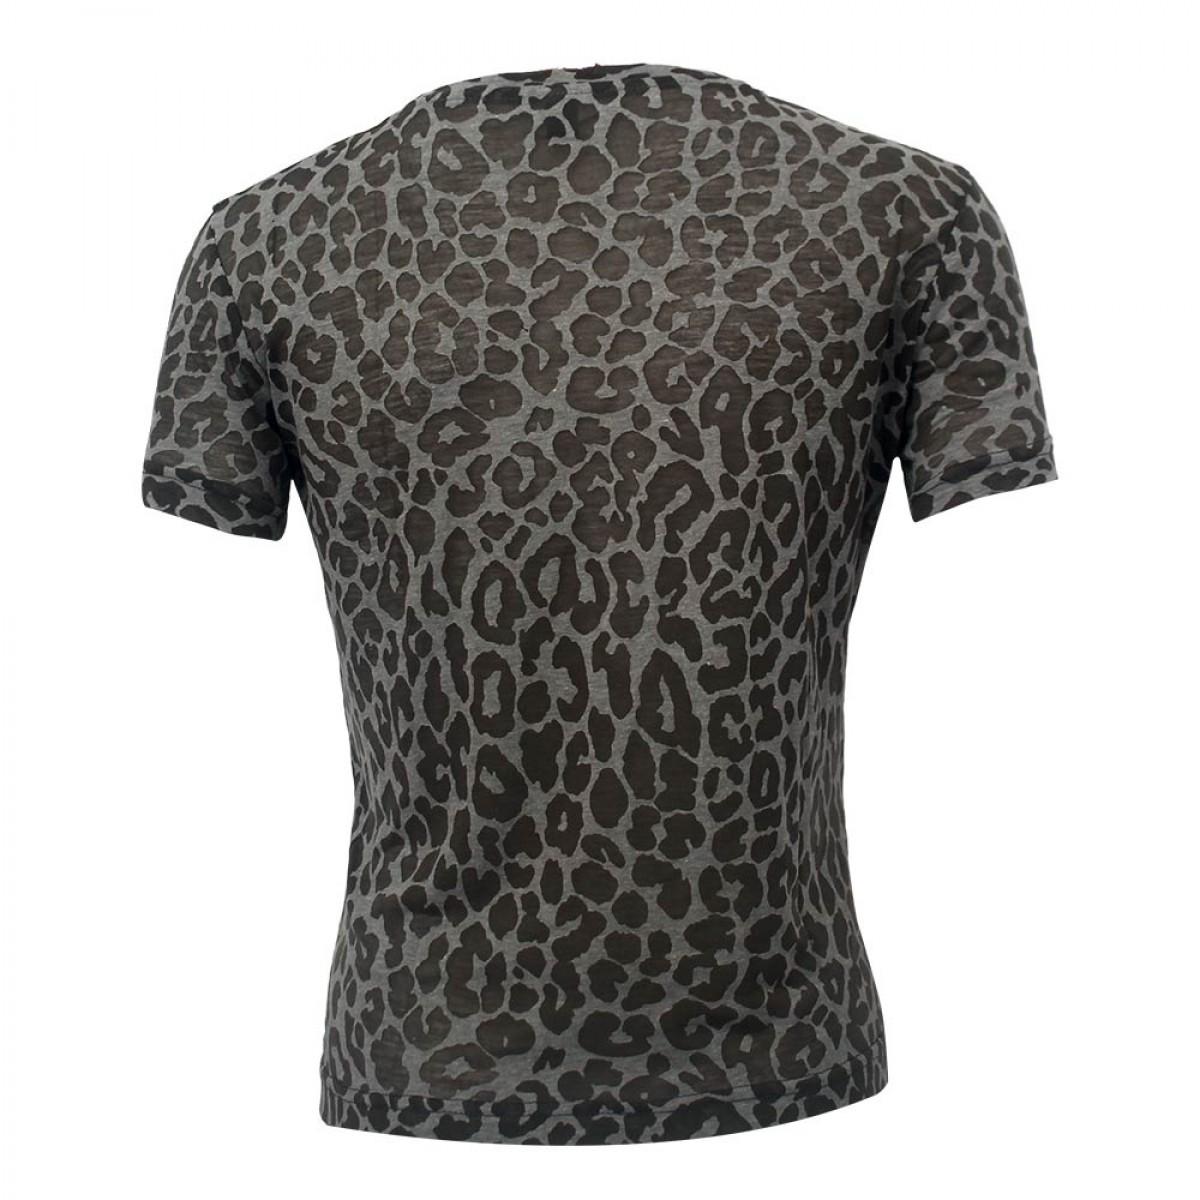 women-knitted-round-neck-t-shirt-kkrt16939-10a